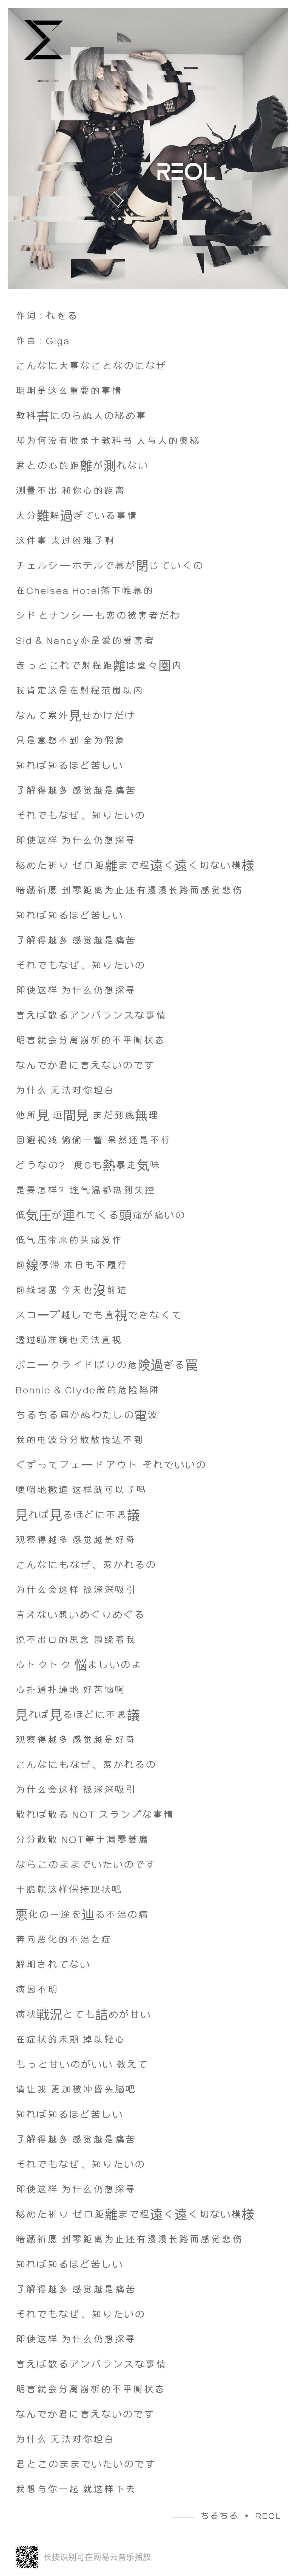 【音乐】ちるちる (WEB动画《相对世界》片尾曲-小柚妹站